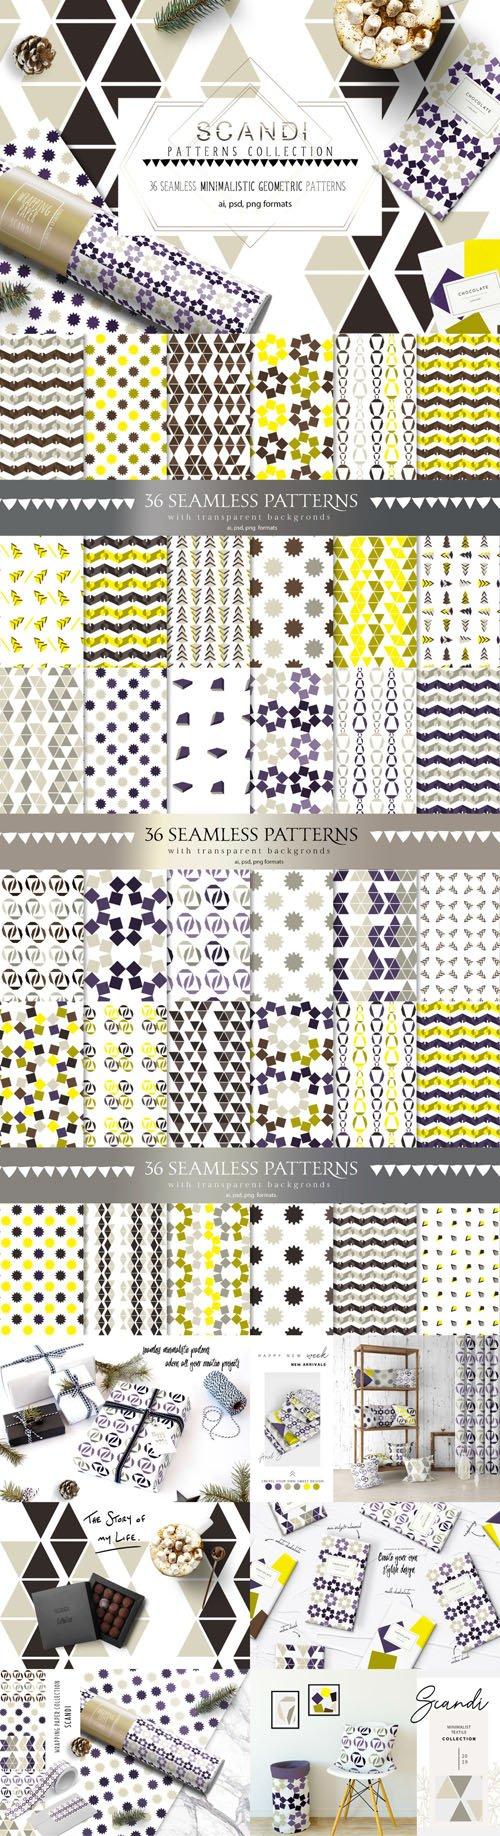 36 SCANDI Seamles Minimalistic Geometric Pattern Collection